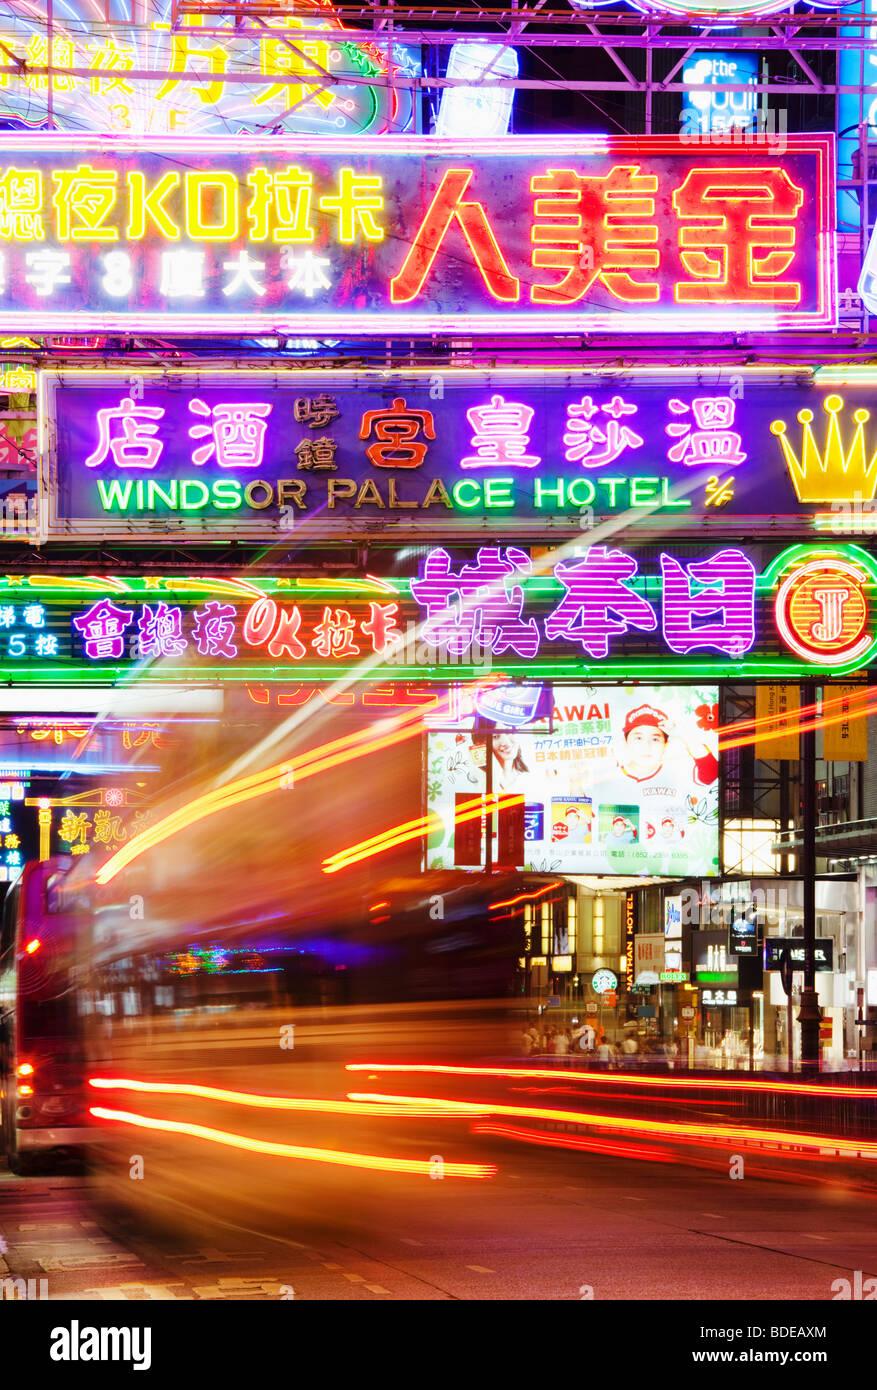 Neon signs and bus light trail in Tsim Sha Tsui, Kowloon, Hong Kong, China. - Stock Image